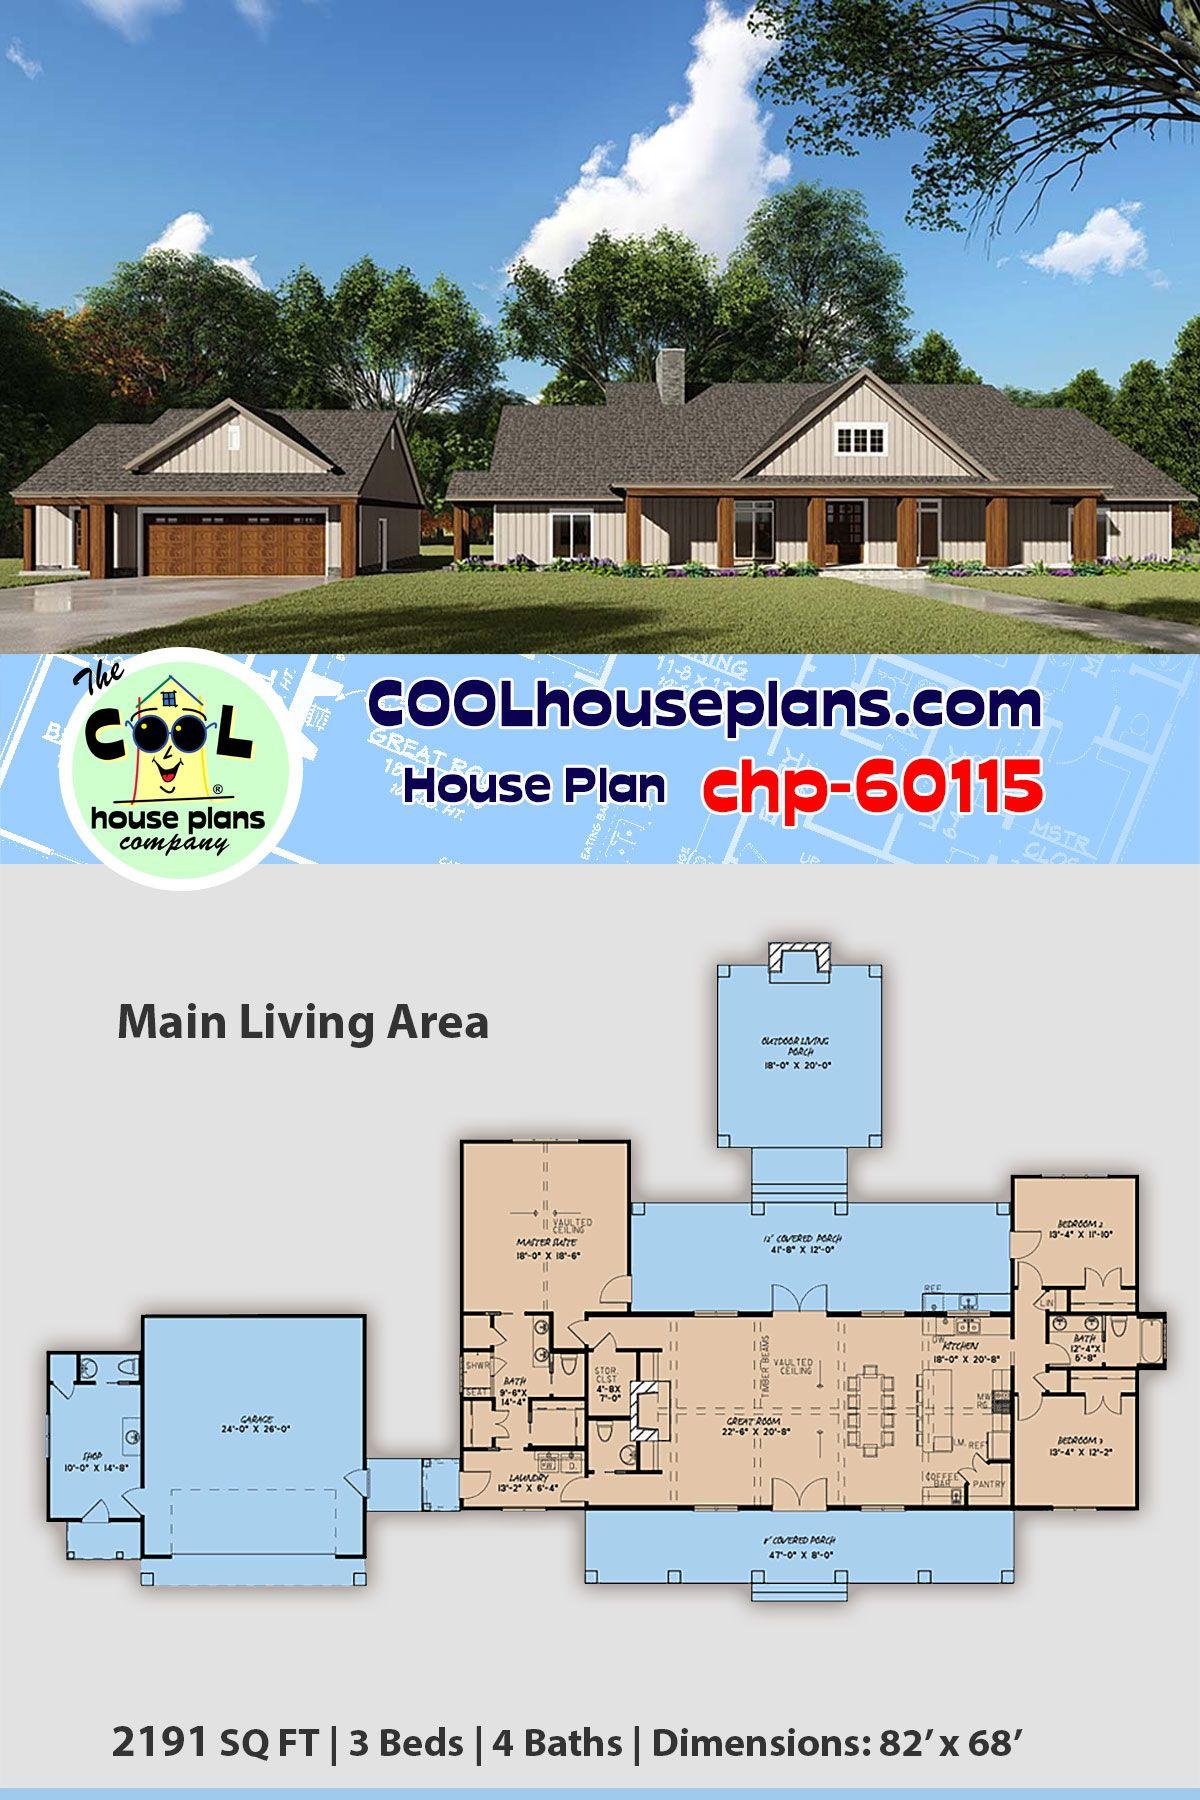 Farmhouse Style House Plan 82536 With 3 Bed 4 Bath 2 Car Garage Farmhouse Style House Plans Rustic House Plans House Plans